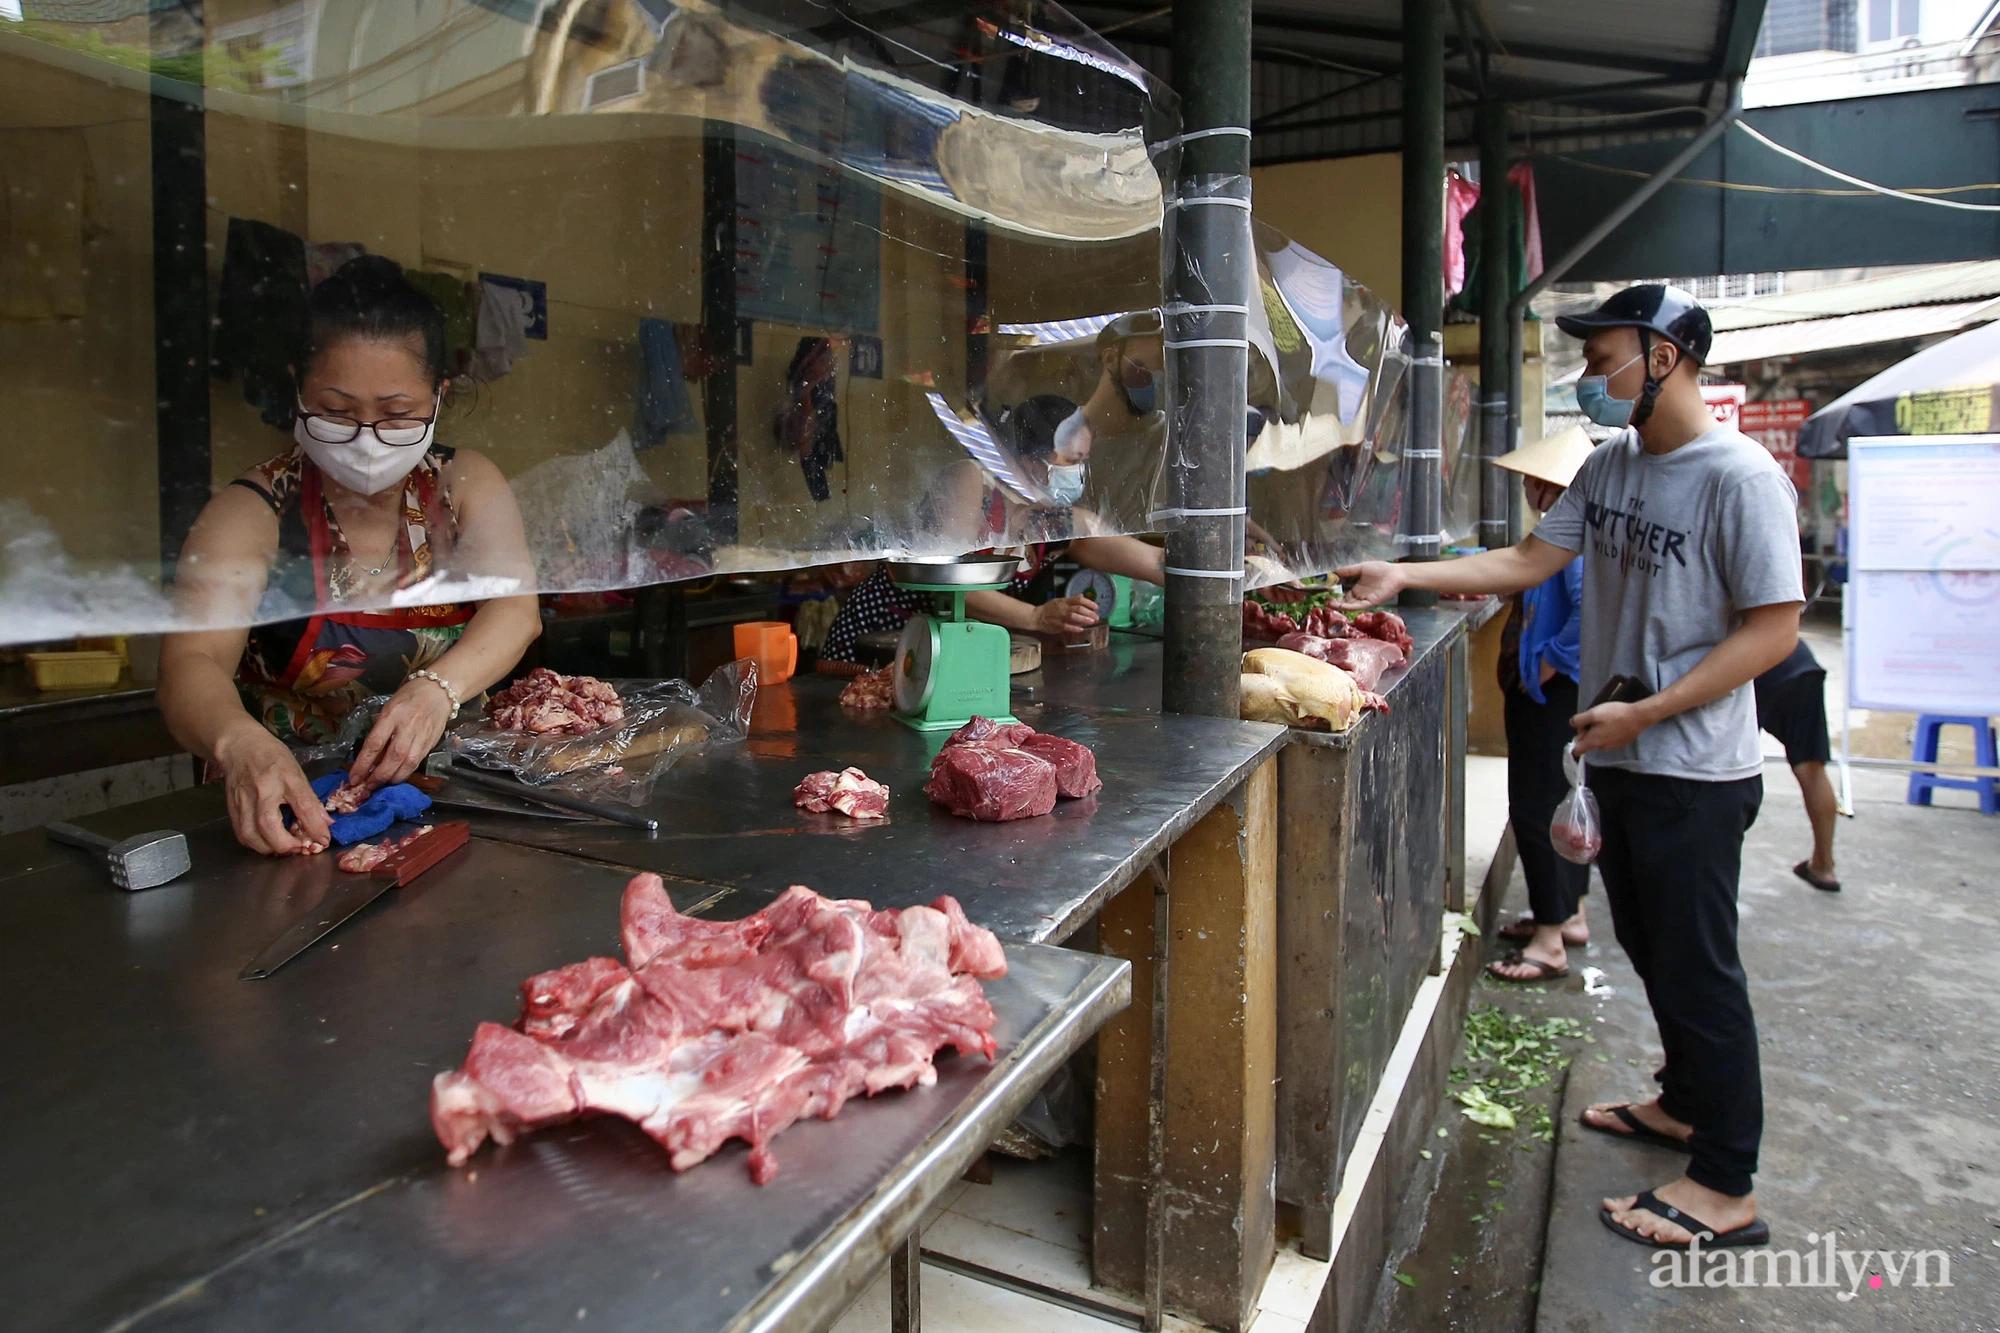 Ấn tượng với khu chợ dân sinh đầu tiên ở Hà Nội quây tấm nilon phòng dịch COVID-19, tiểu thương chia ca đứng bán theo ngày chẵn, lẻ - Ảnh 17.